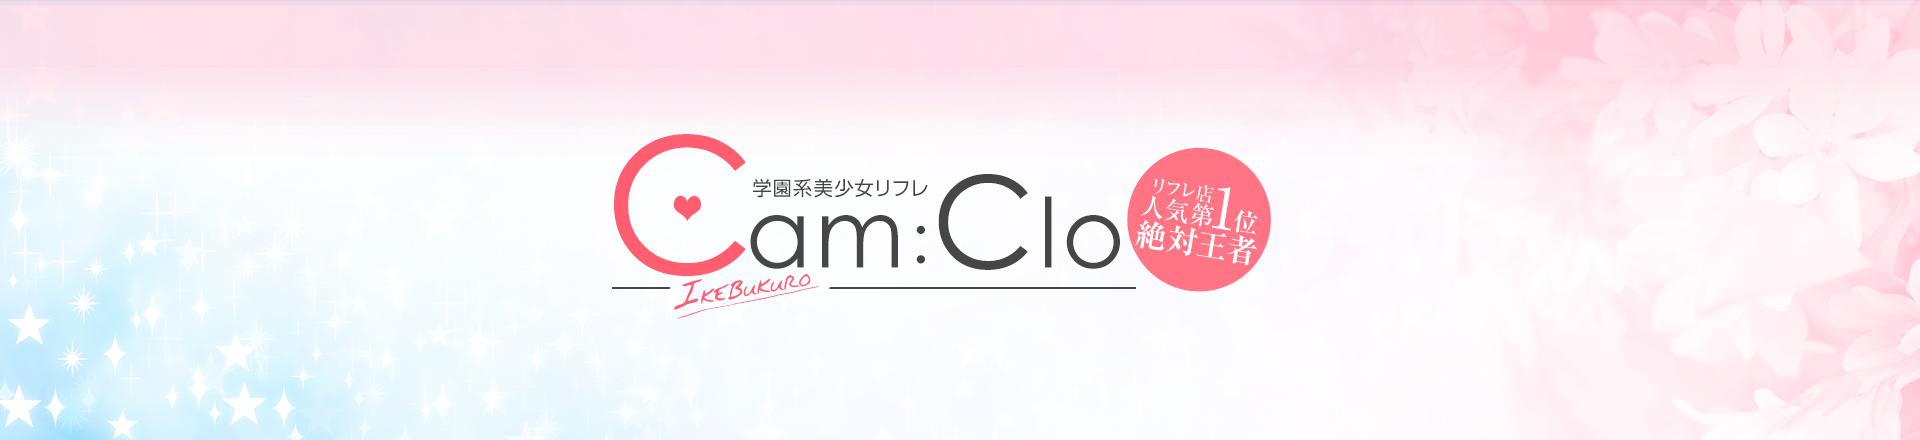 池袋美少女リフレ|キャンクロ『Cam:Clo』